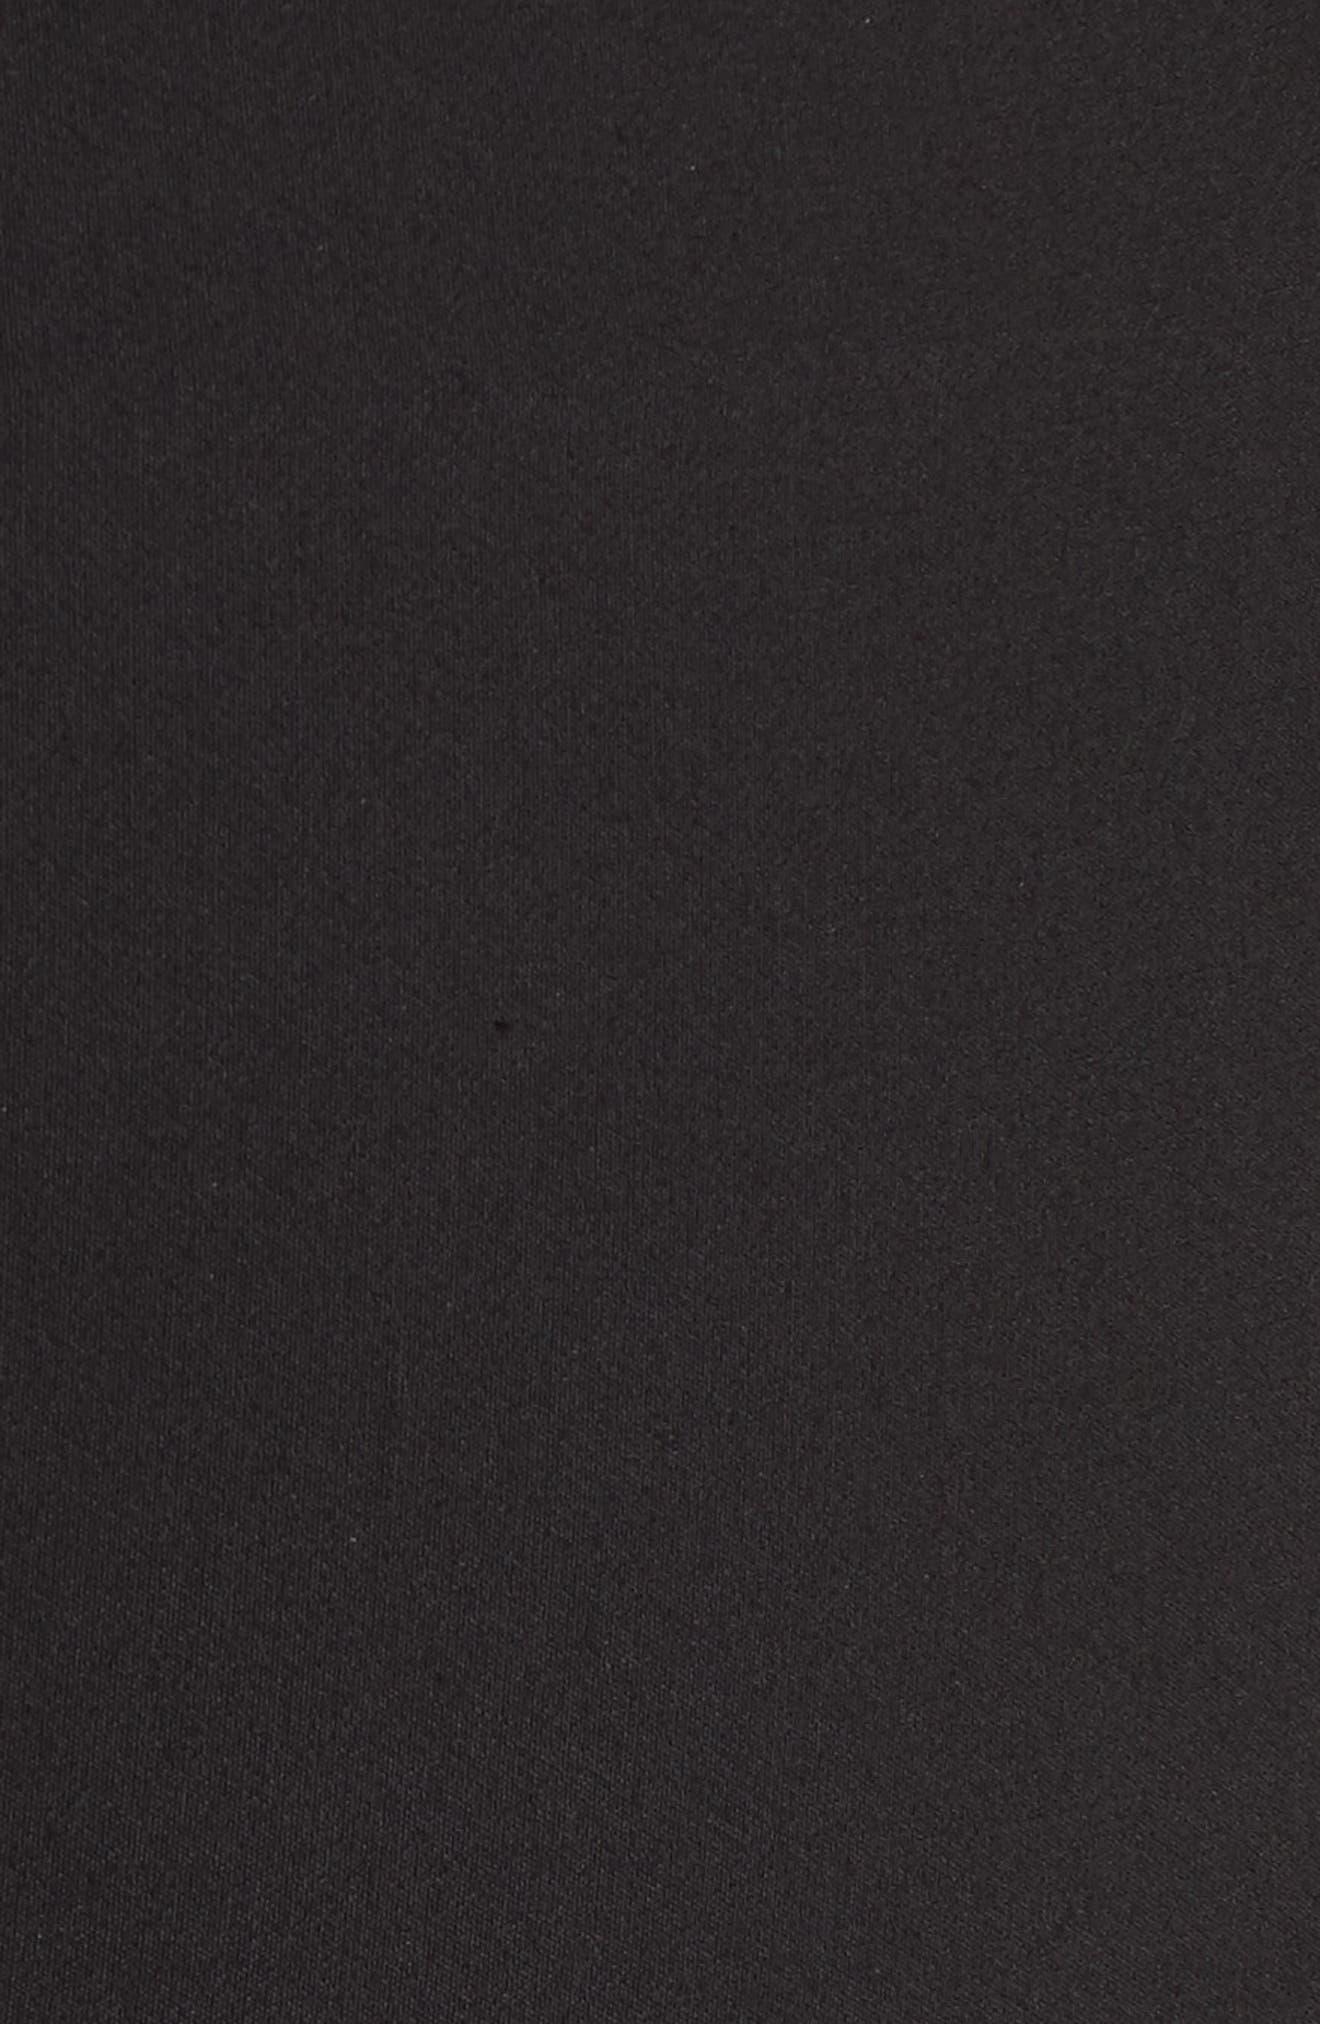 Coin Pocket Leggings,                             Alternate thumbnail 5, color,                             BLACK